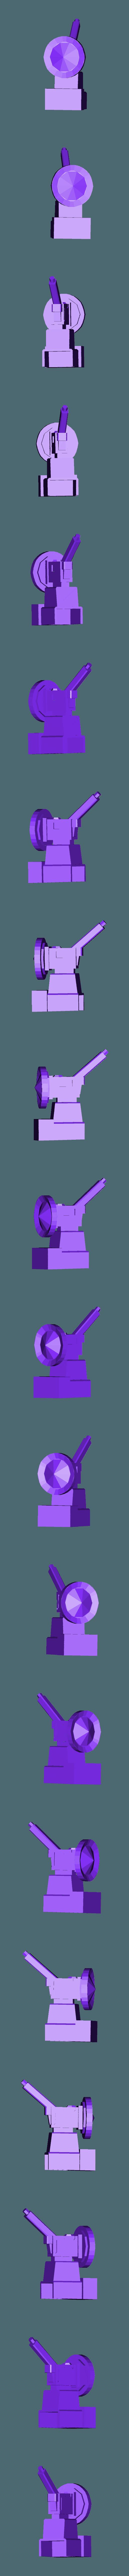 1Storm_Surge_Radar_repaired.stl Download free OBJ file Tempest Rush Mech • 3D printer model, Leesedrenfort